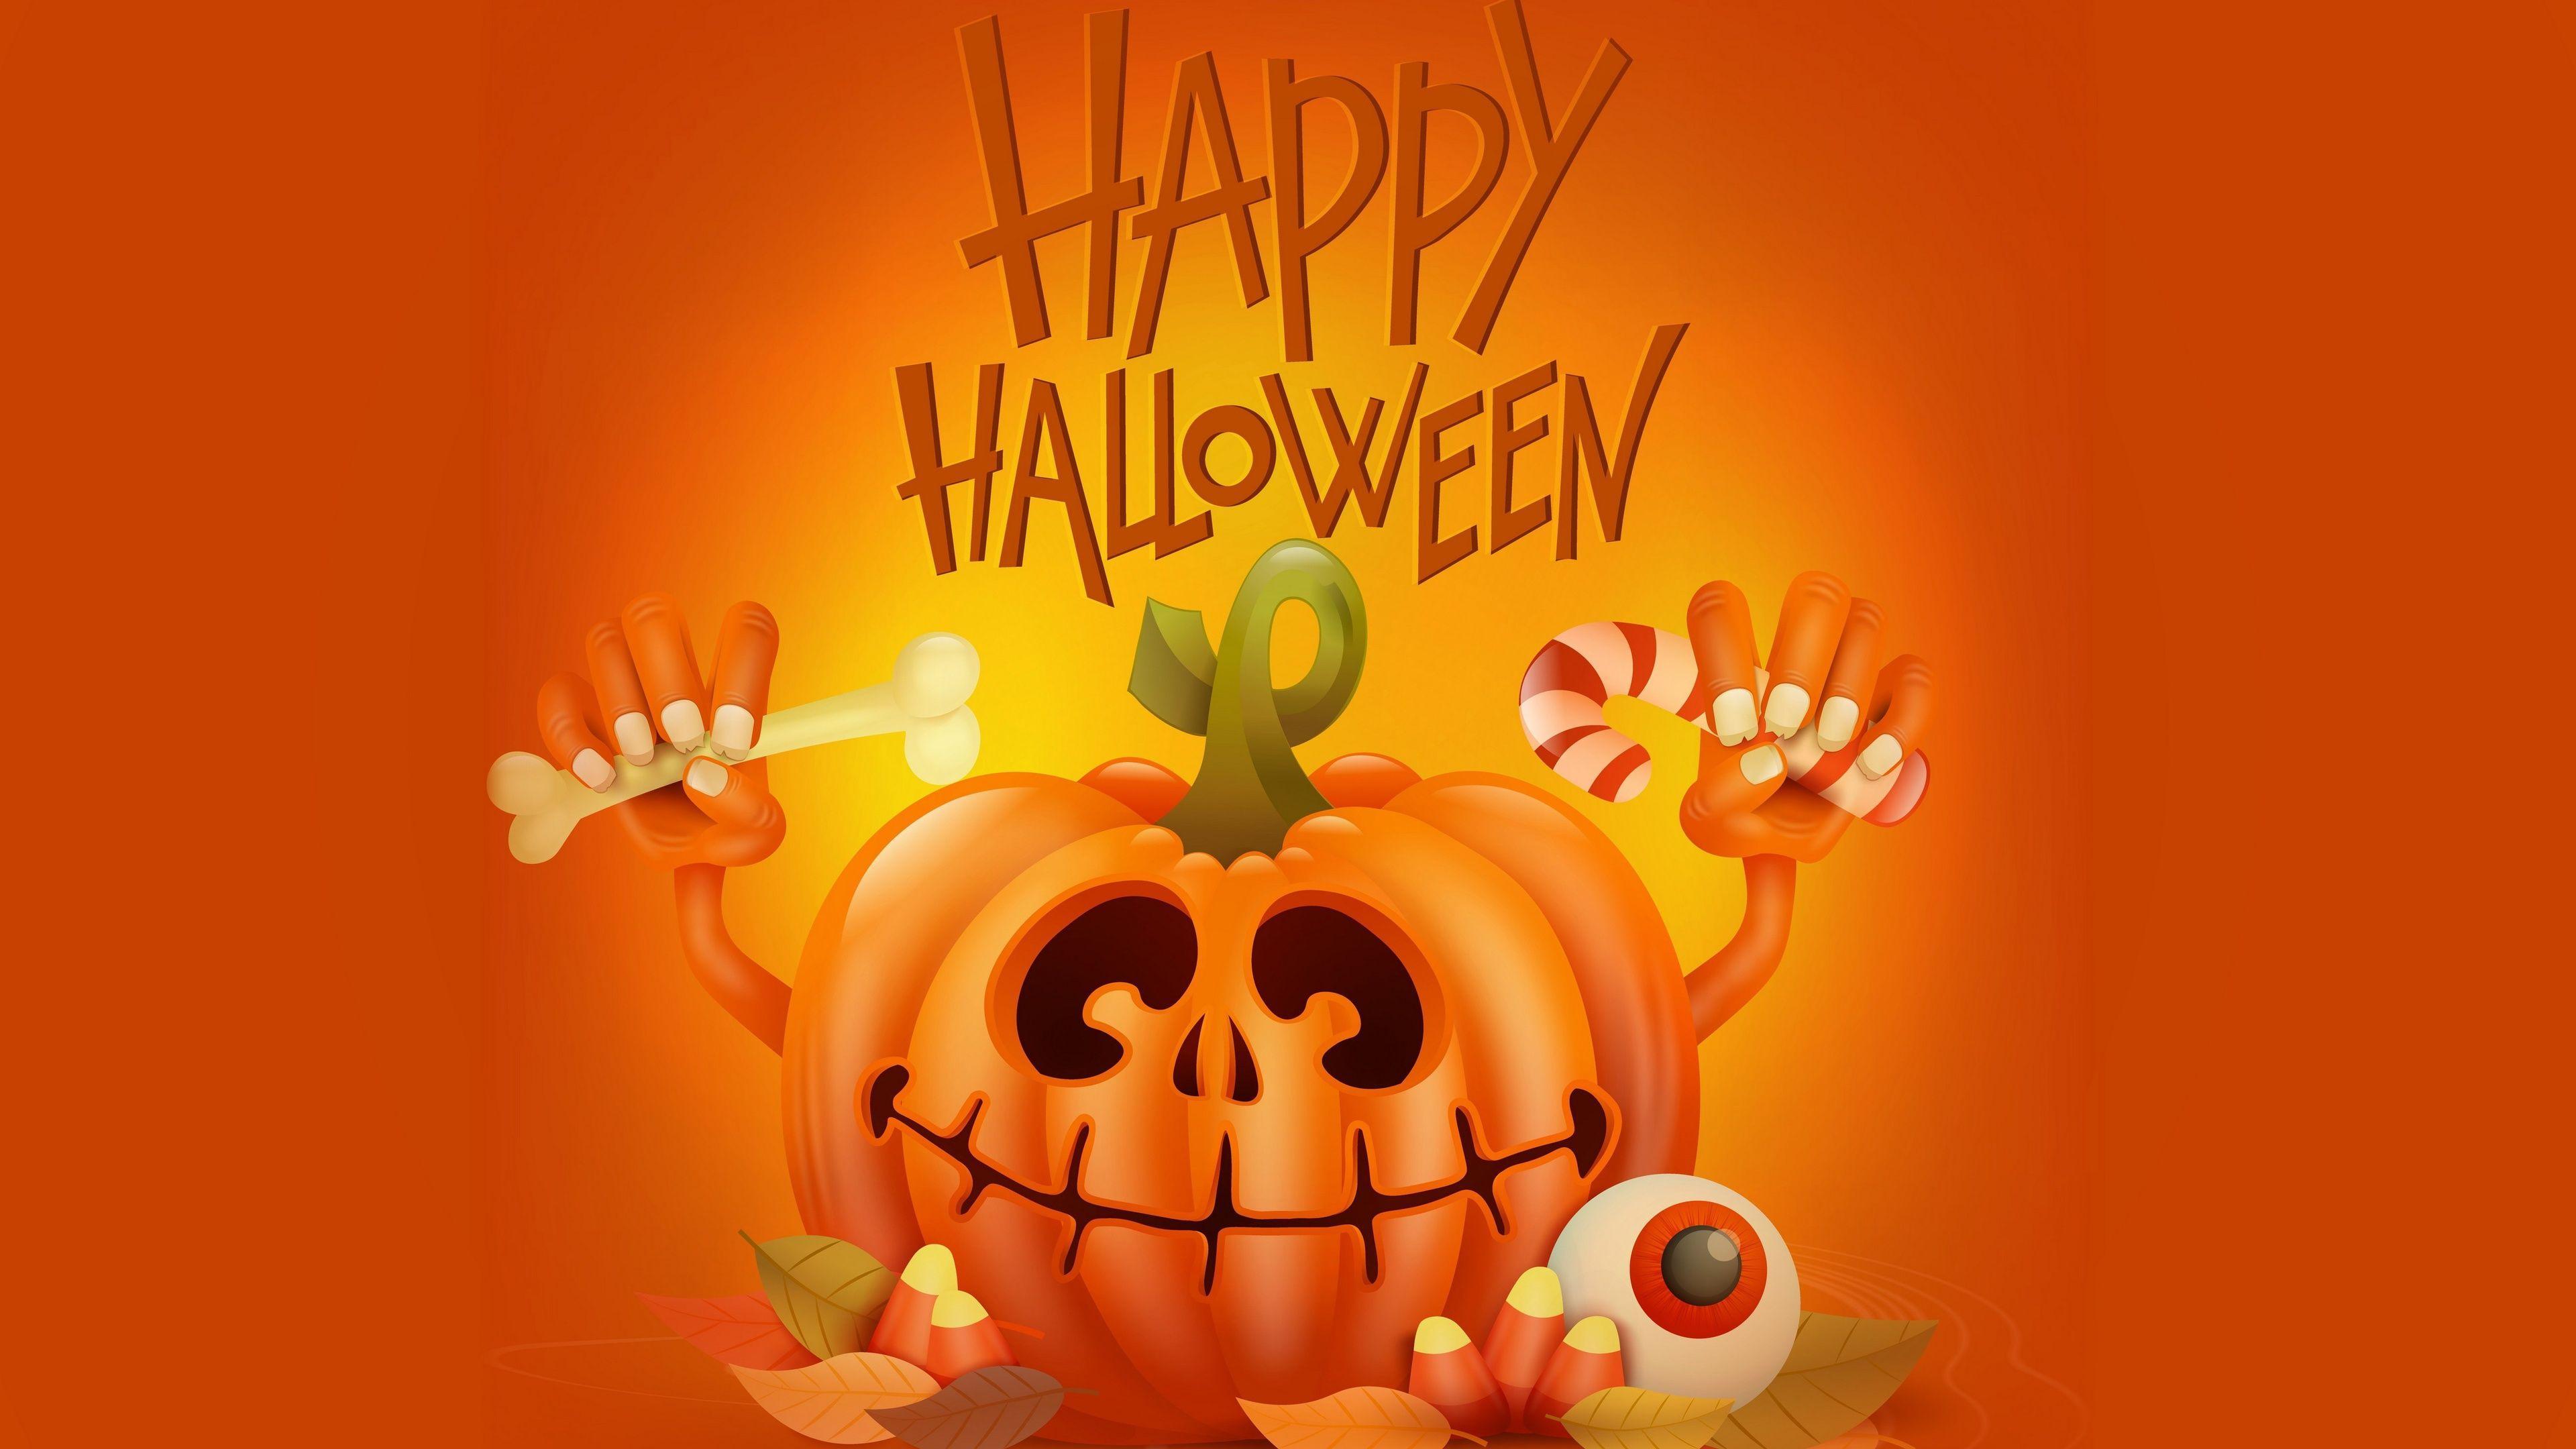 Happy Halloween Pumpkin Wallpapers - Top Free Happy ...